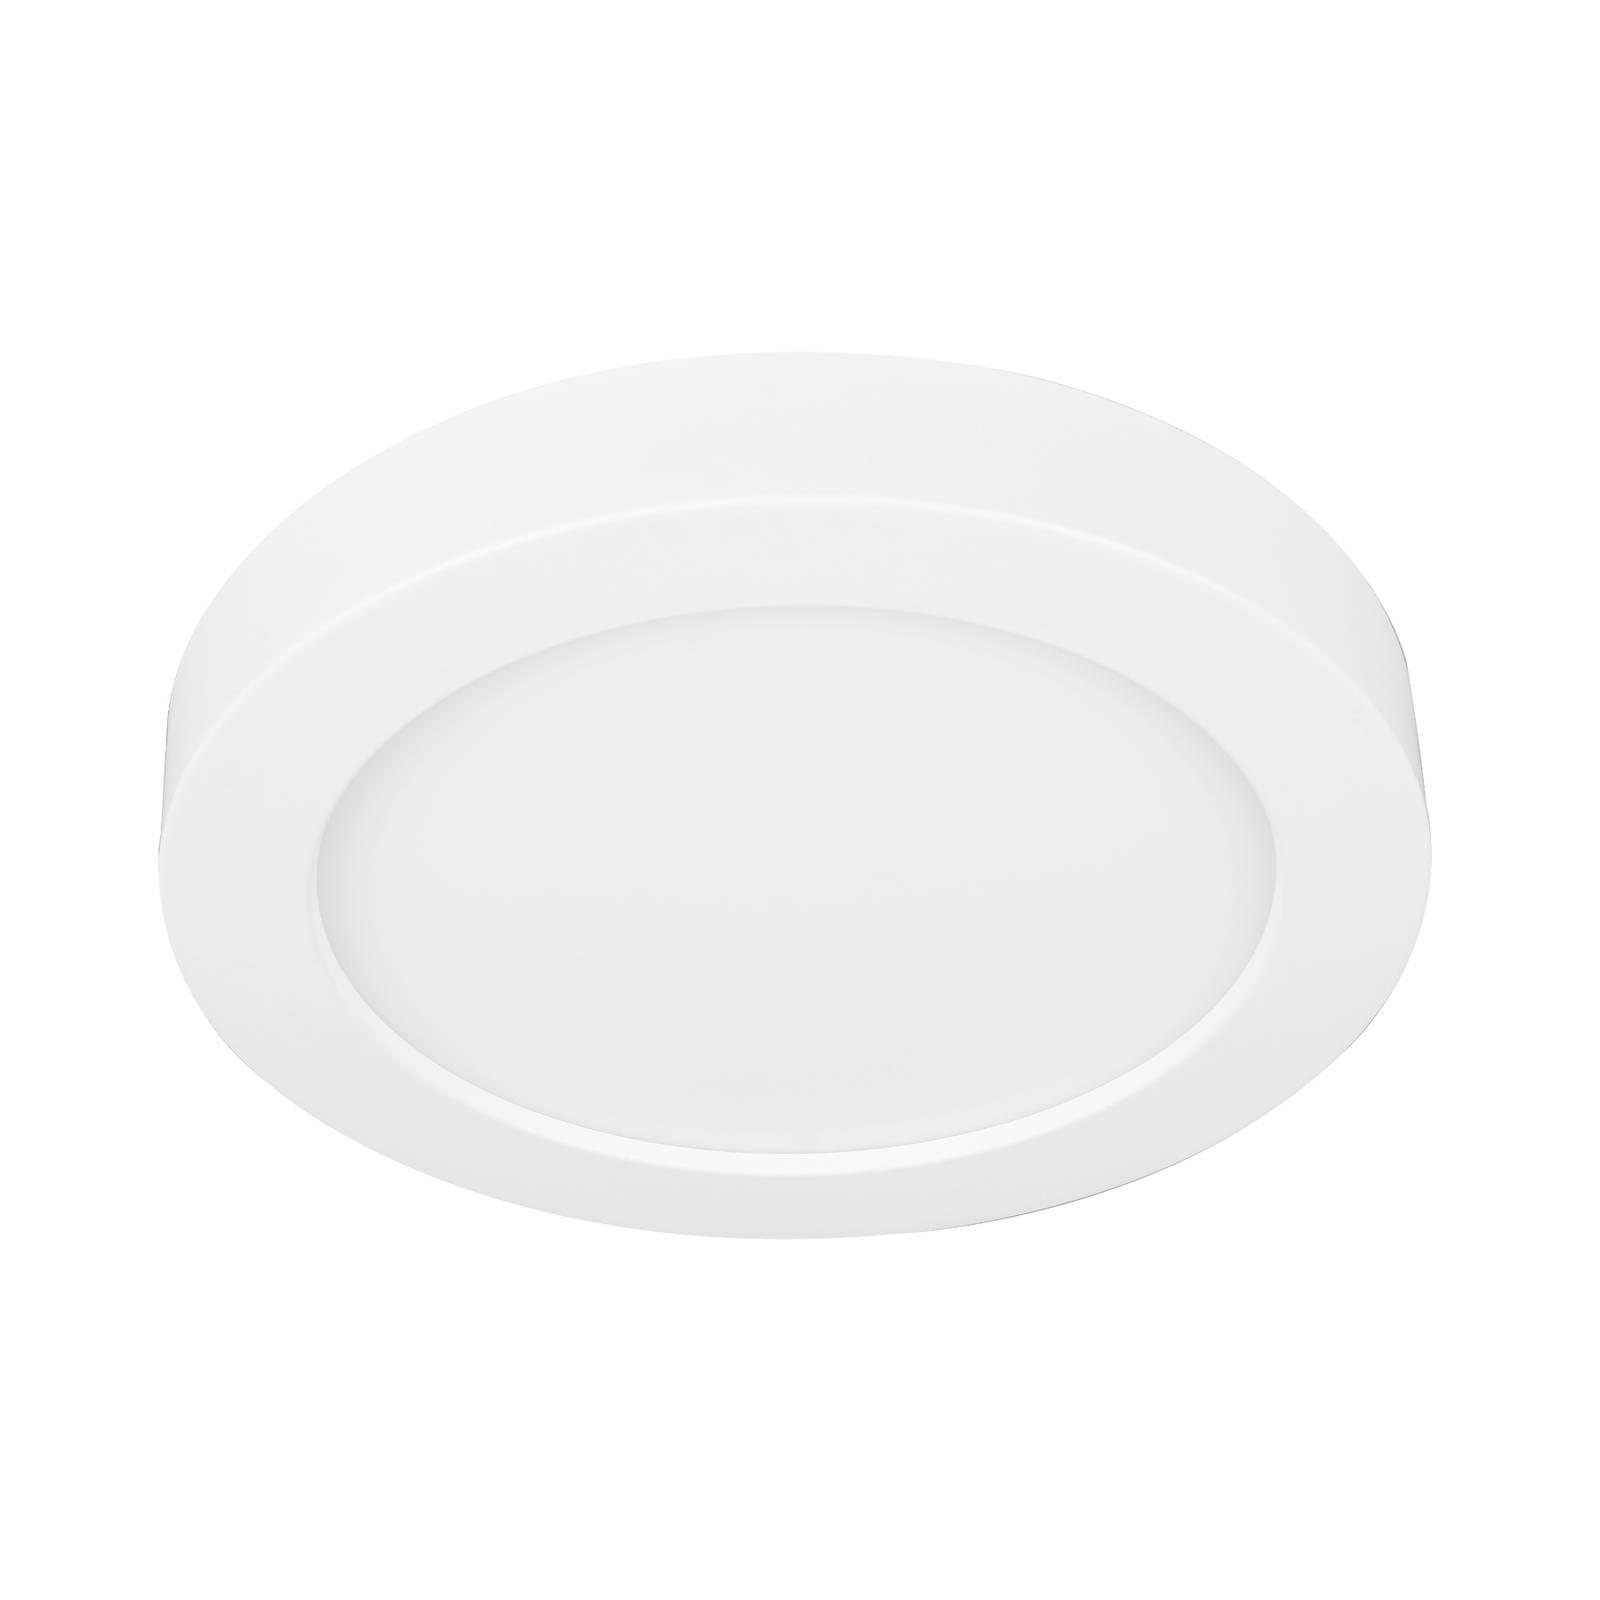 Prios Edwina -LED-kattovalaisin valkoinen 22,6 cm